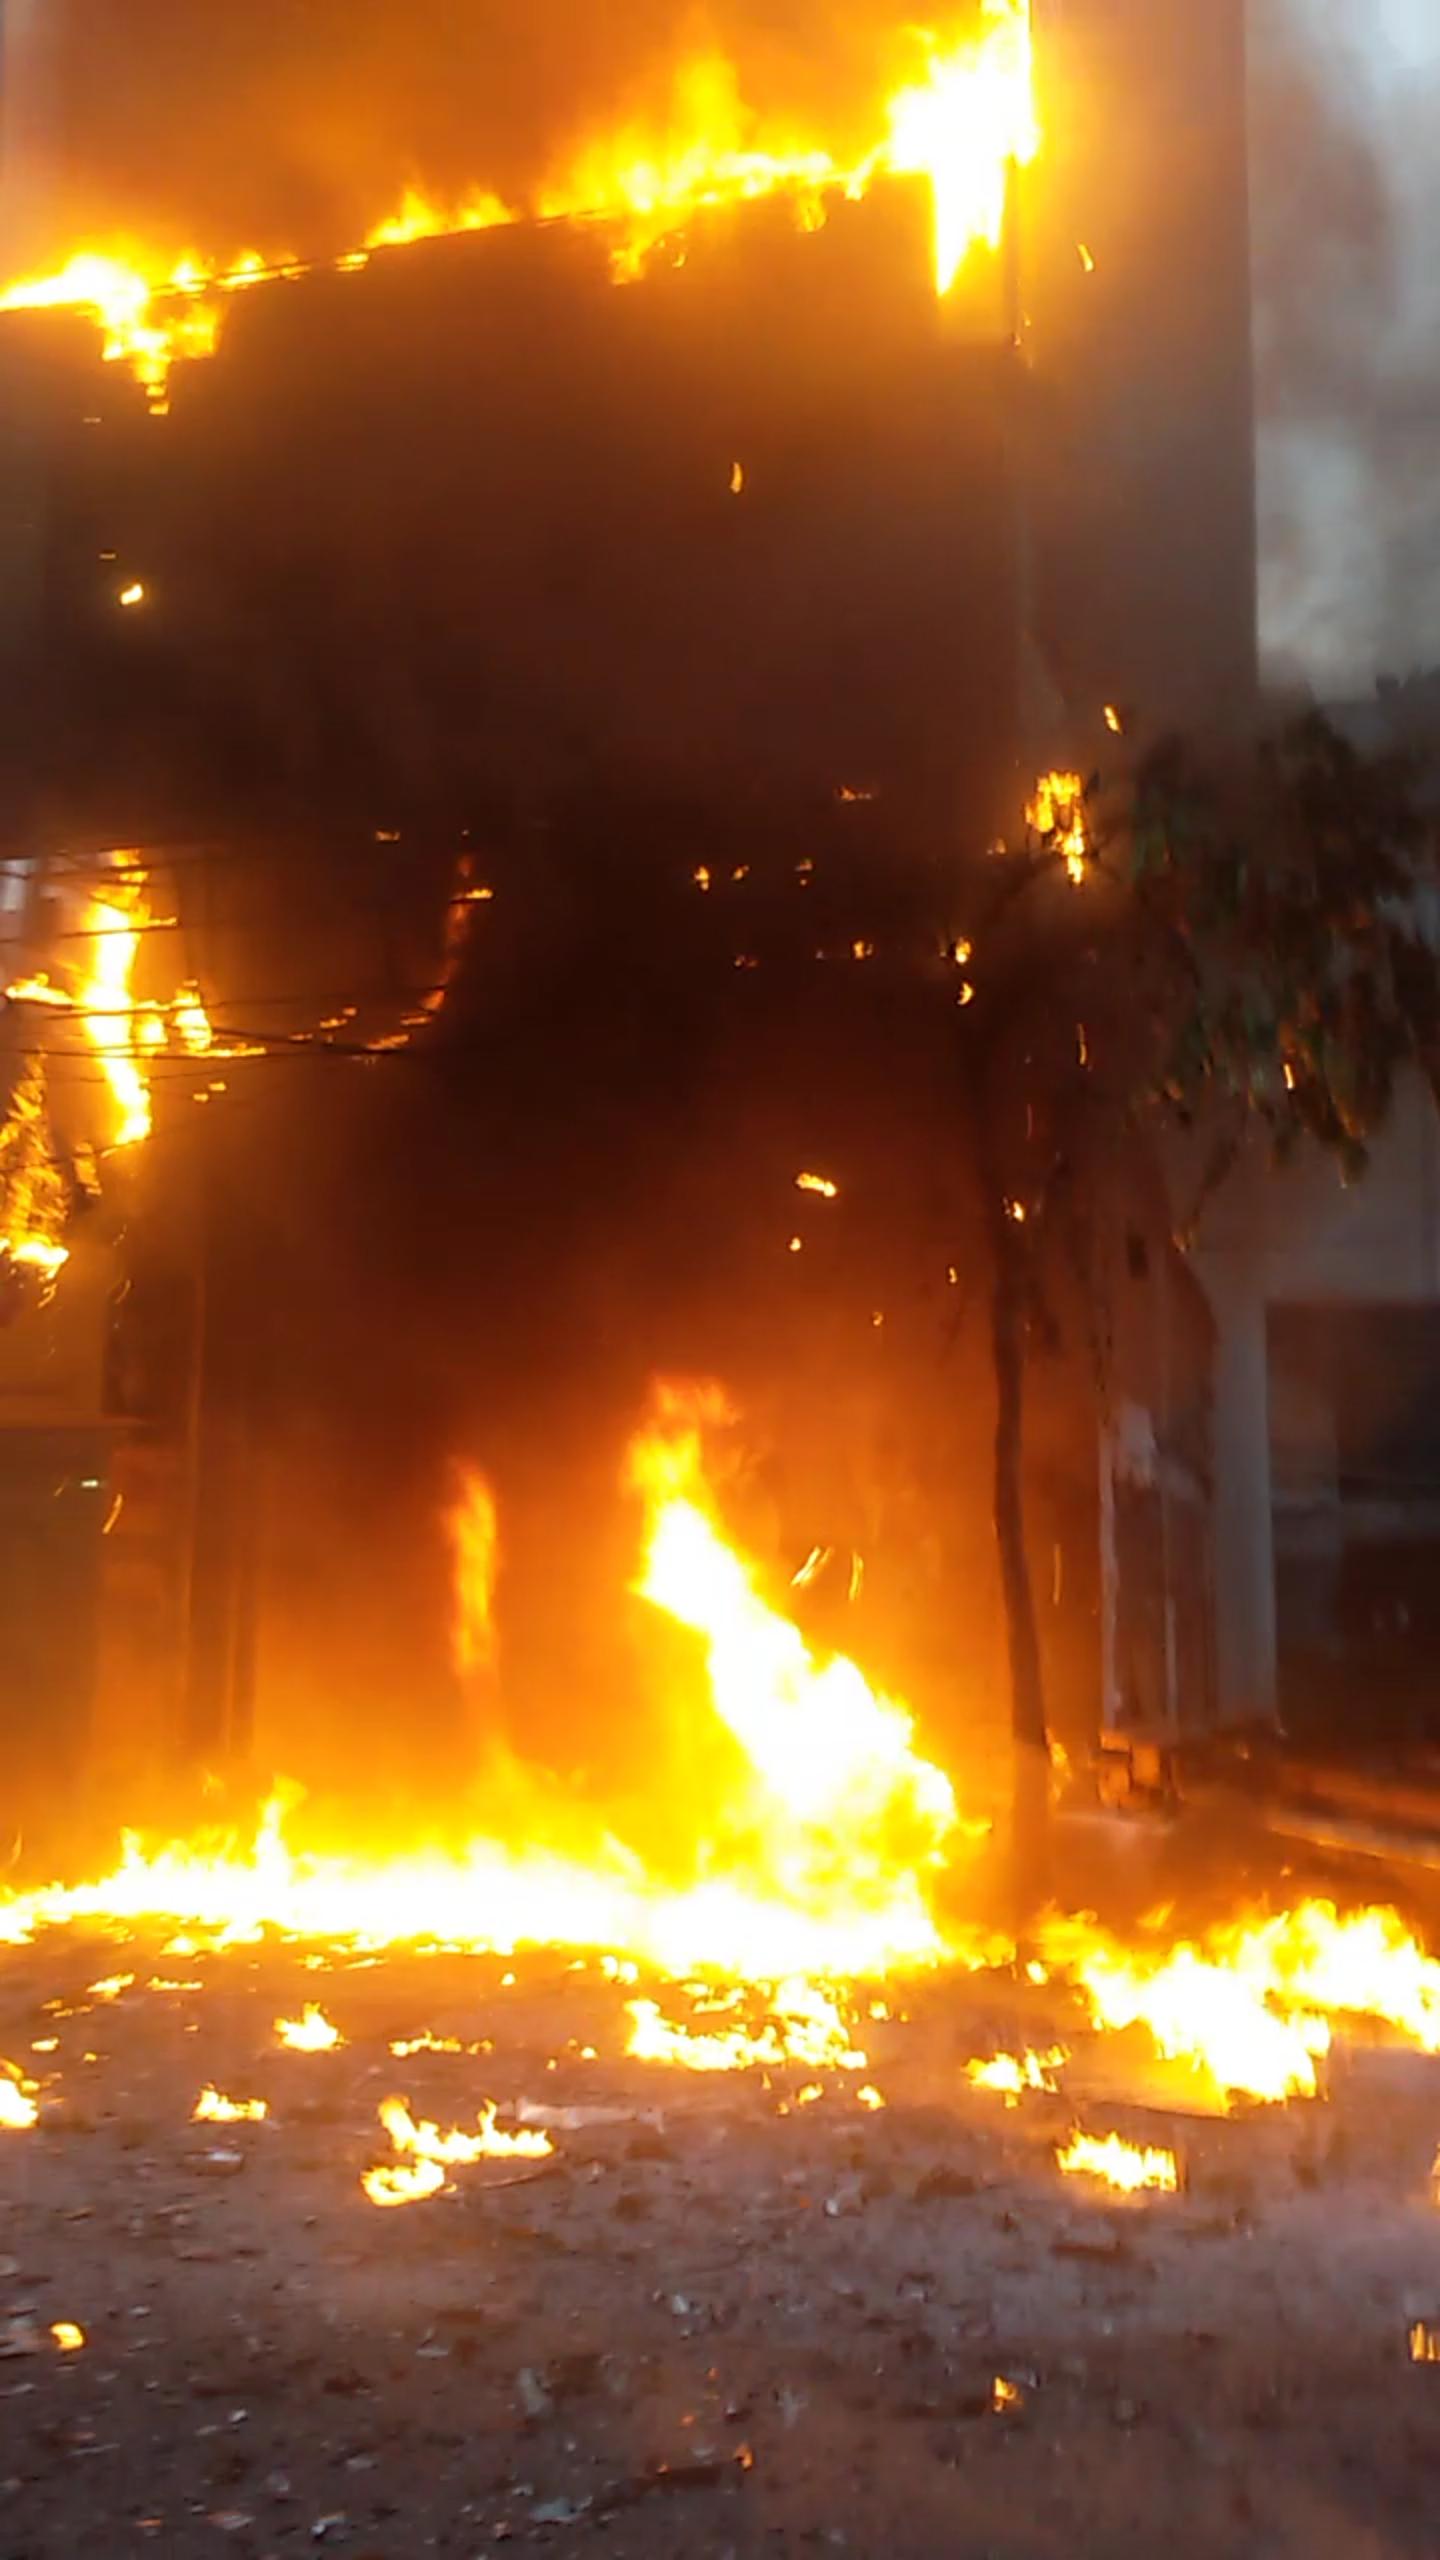 Đến 18h43p,ngọn lửa vẫn bốc cháy dữ dội, chiếm toàn bộ mặt tiền tòa nhà, khói bụi bốc lên cao ngùn ngụt